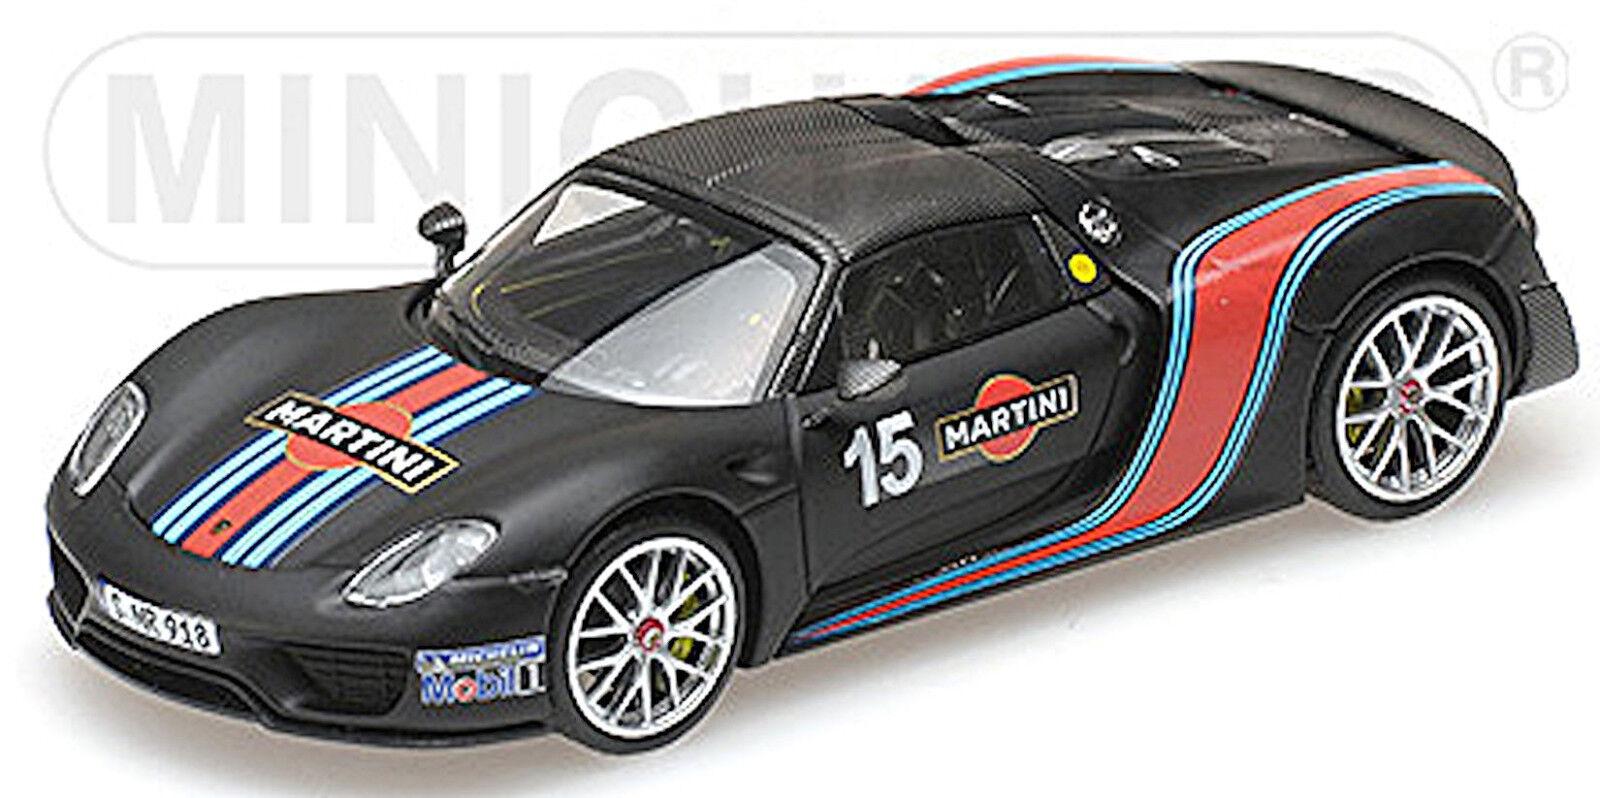 Porsche 918 Spyder 2013 Weissach Weissach Weissach Package With Martini réparti 1:43 Minichamps 227166